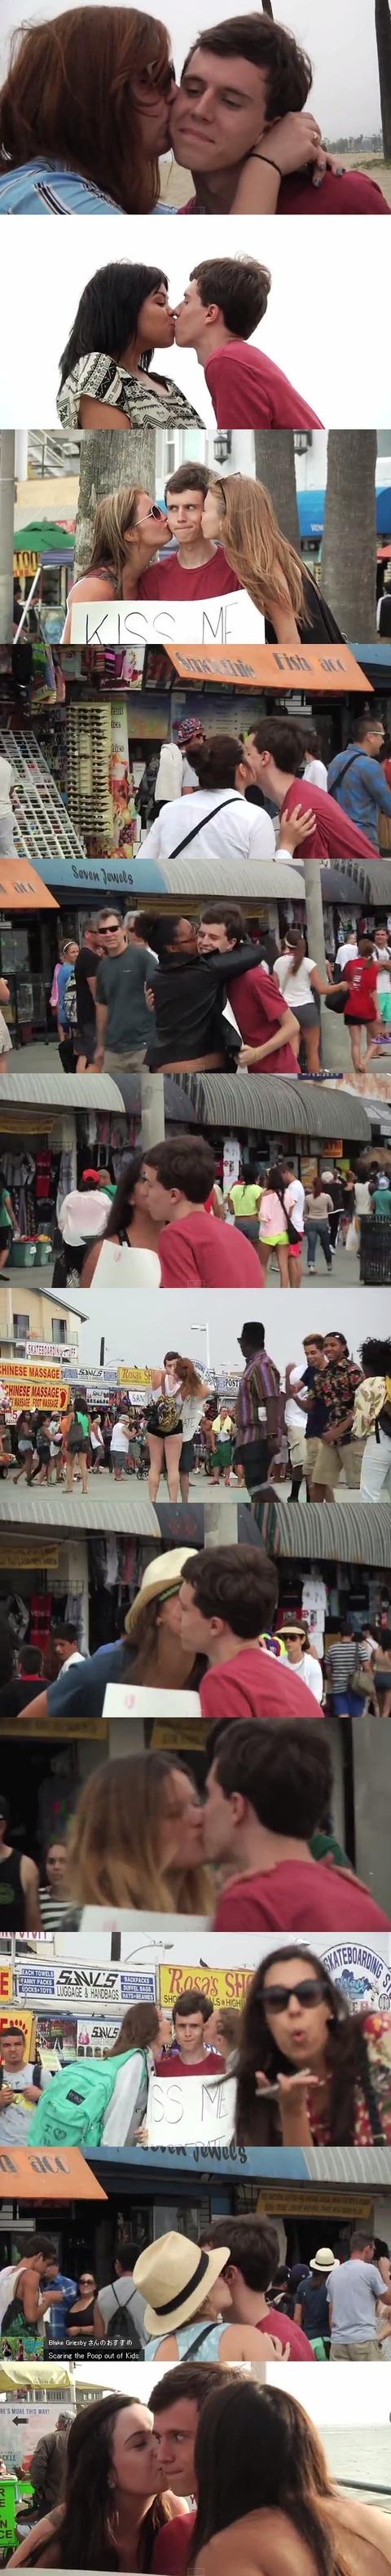 【裏山】 男が 「キスして!!」 と書いた看板を持って路上に立ってみた結果wwwwwwww